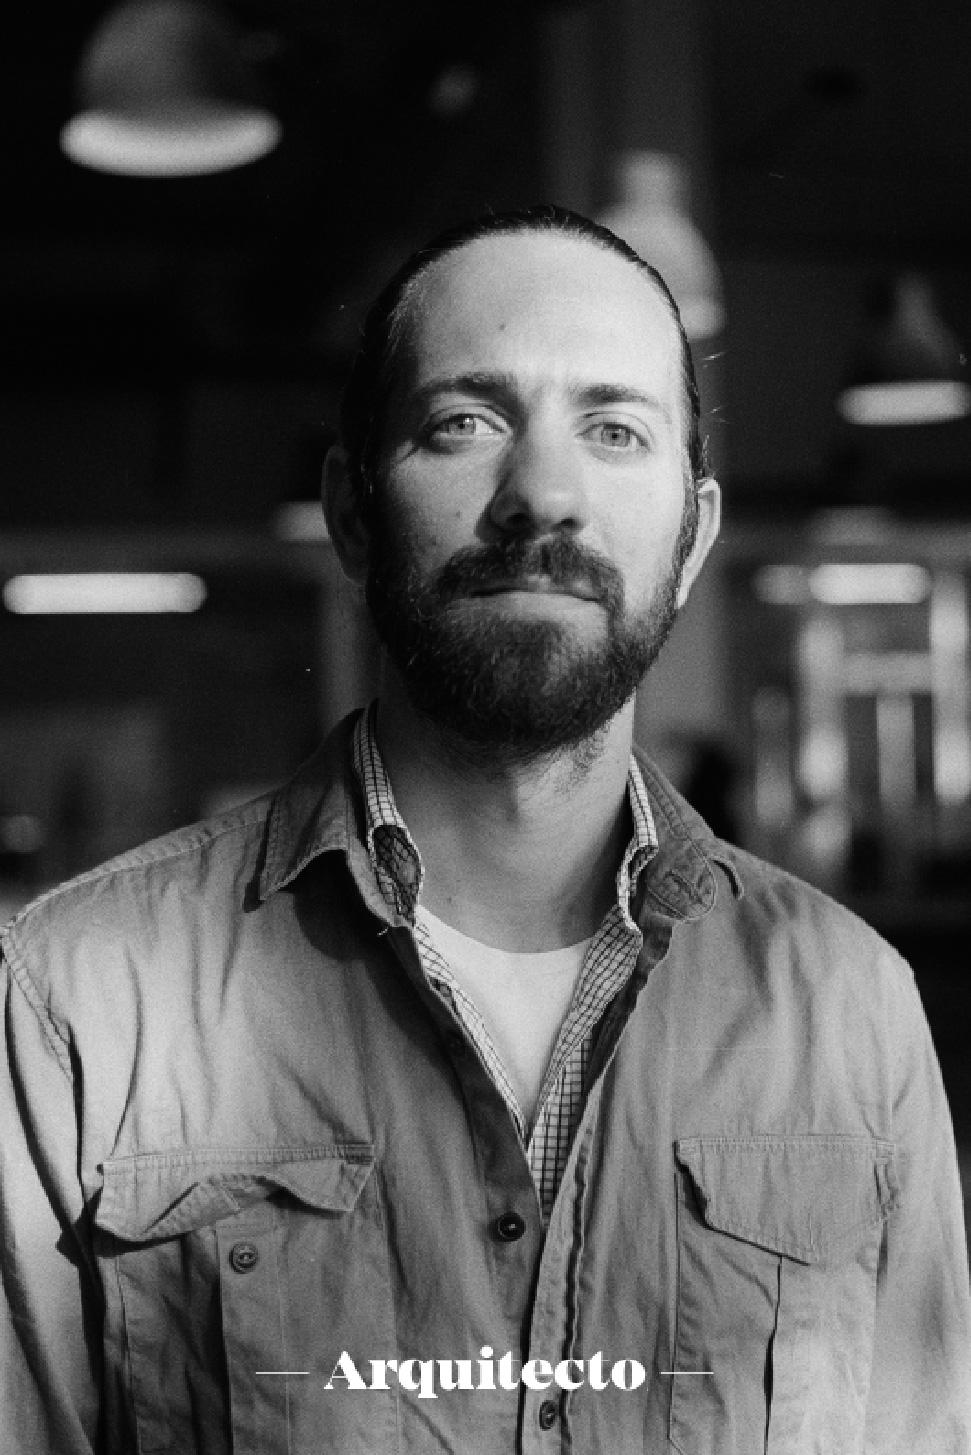 Diego Calvo (arquitecto, project manager y carpintero)  - Co-fundador y socio colaborador de la cooperativa TMDC ayuda en lo que sea necesario para que el proyecto siga adelante.